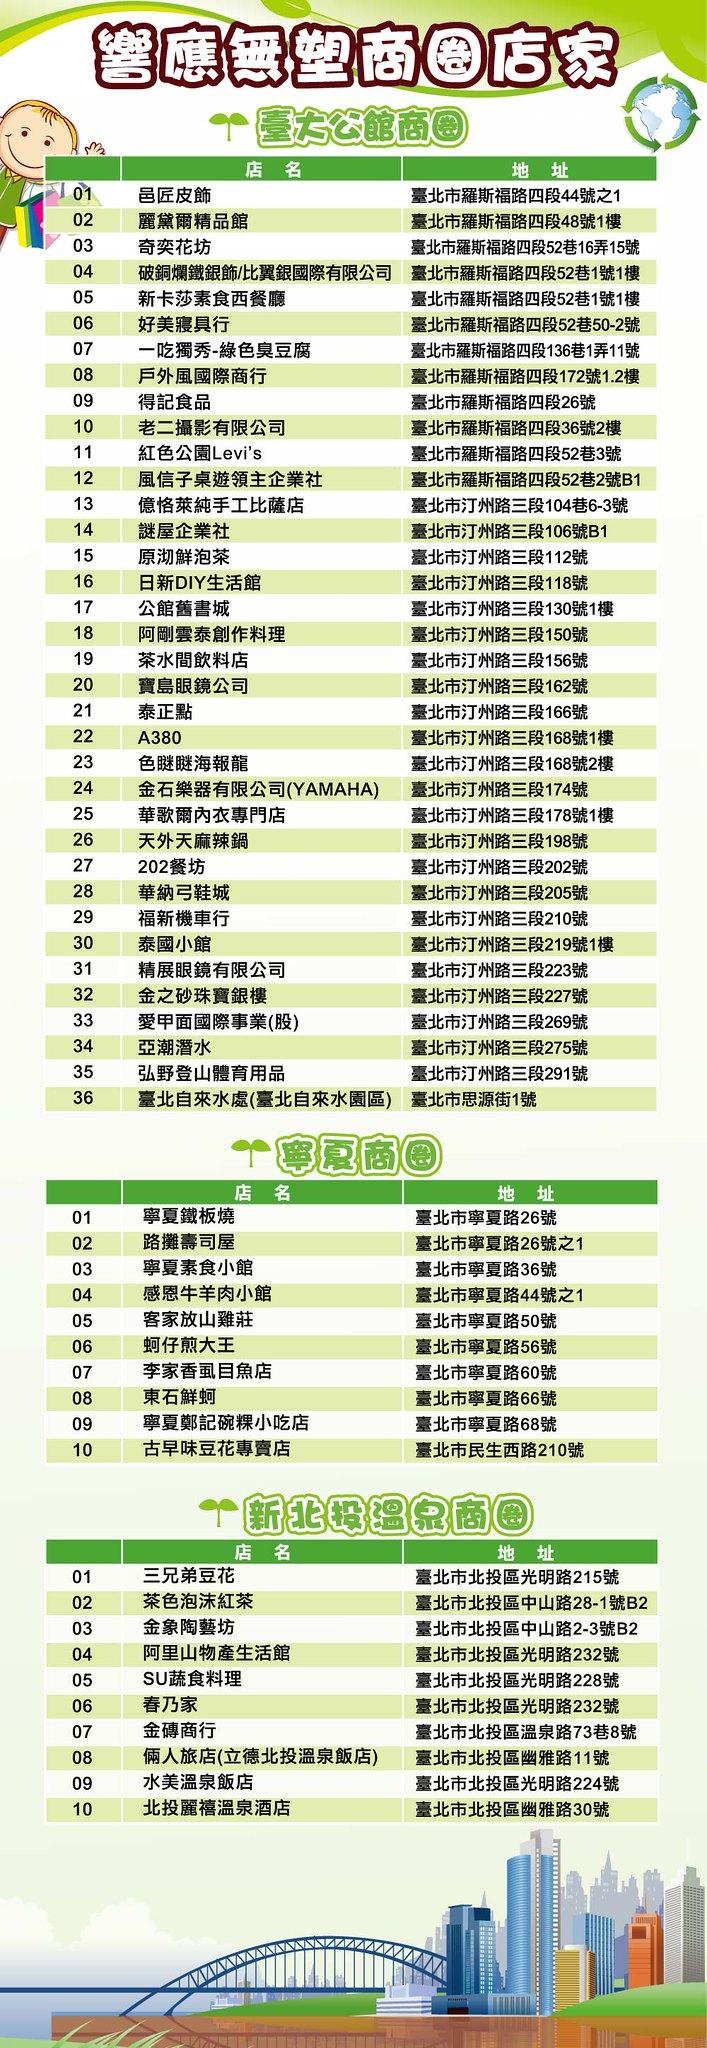 無塑商圈計畫參與店家,點我看大圖。圖片來源:台北市商業處。